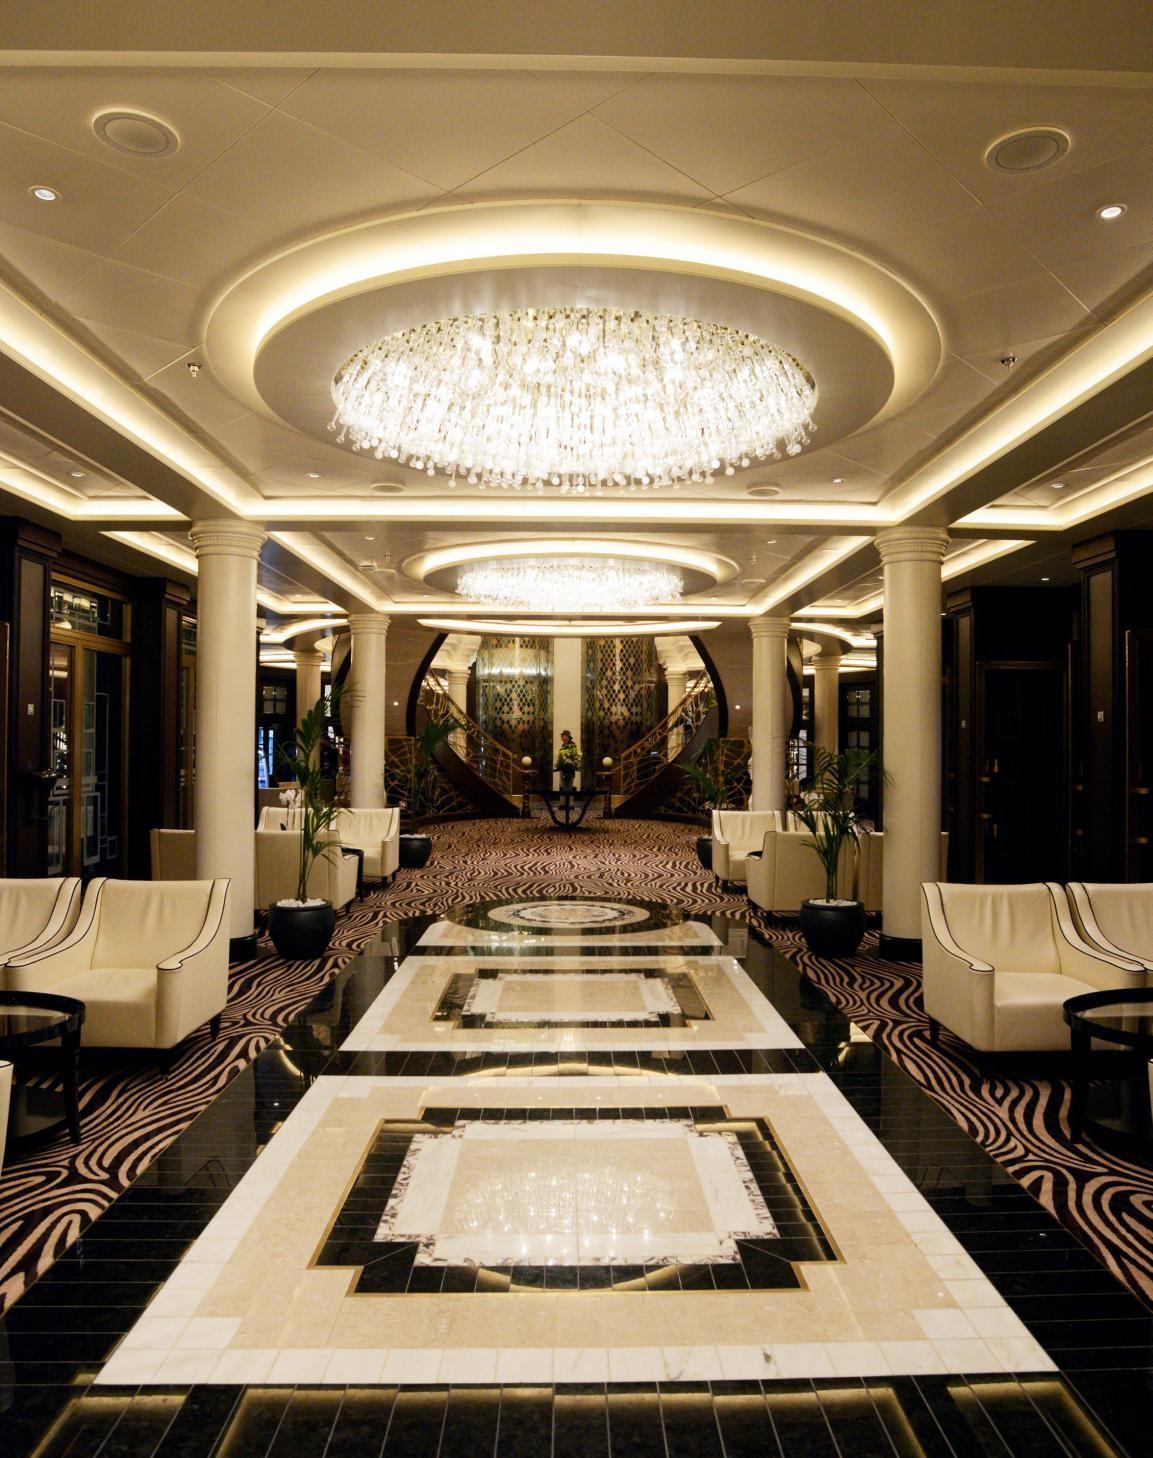 Third Regent Seven Seas newbuilding to be designed by Studio DADO